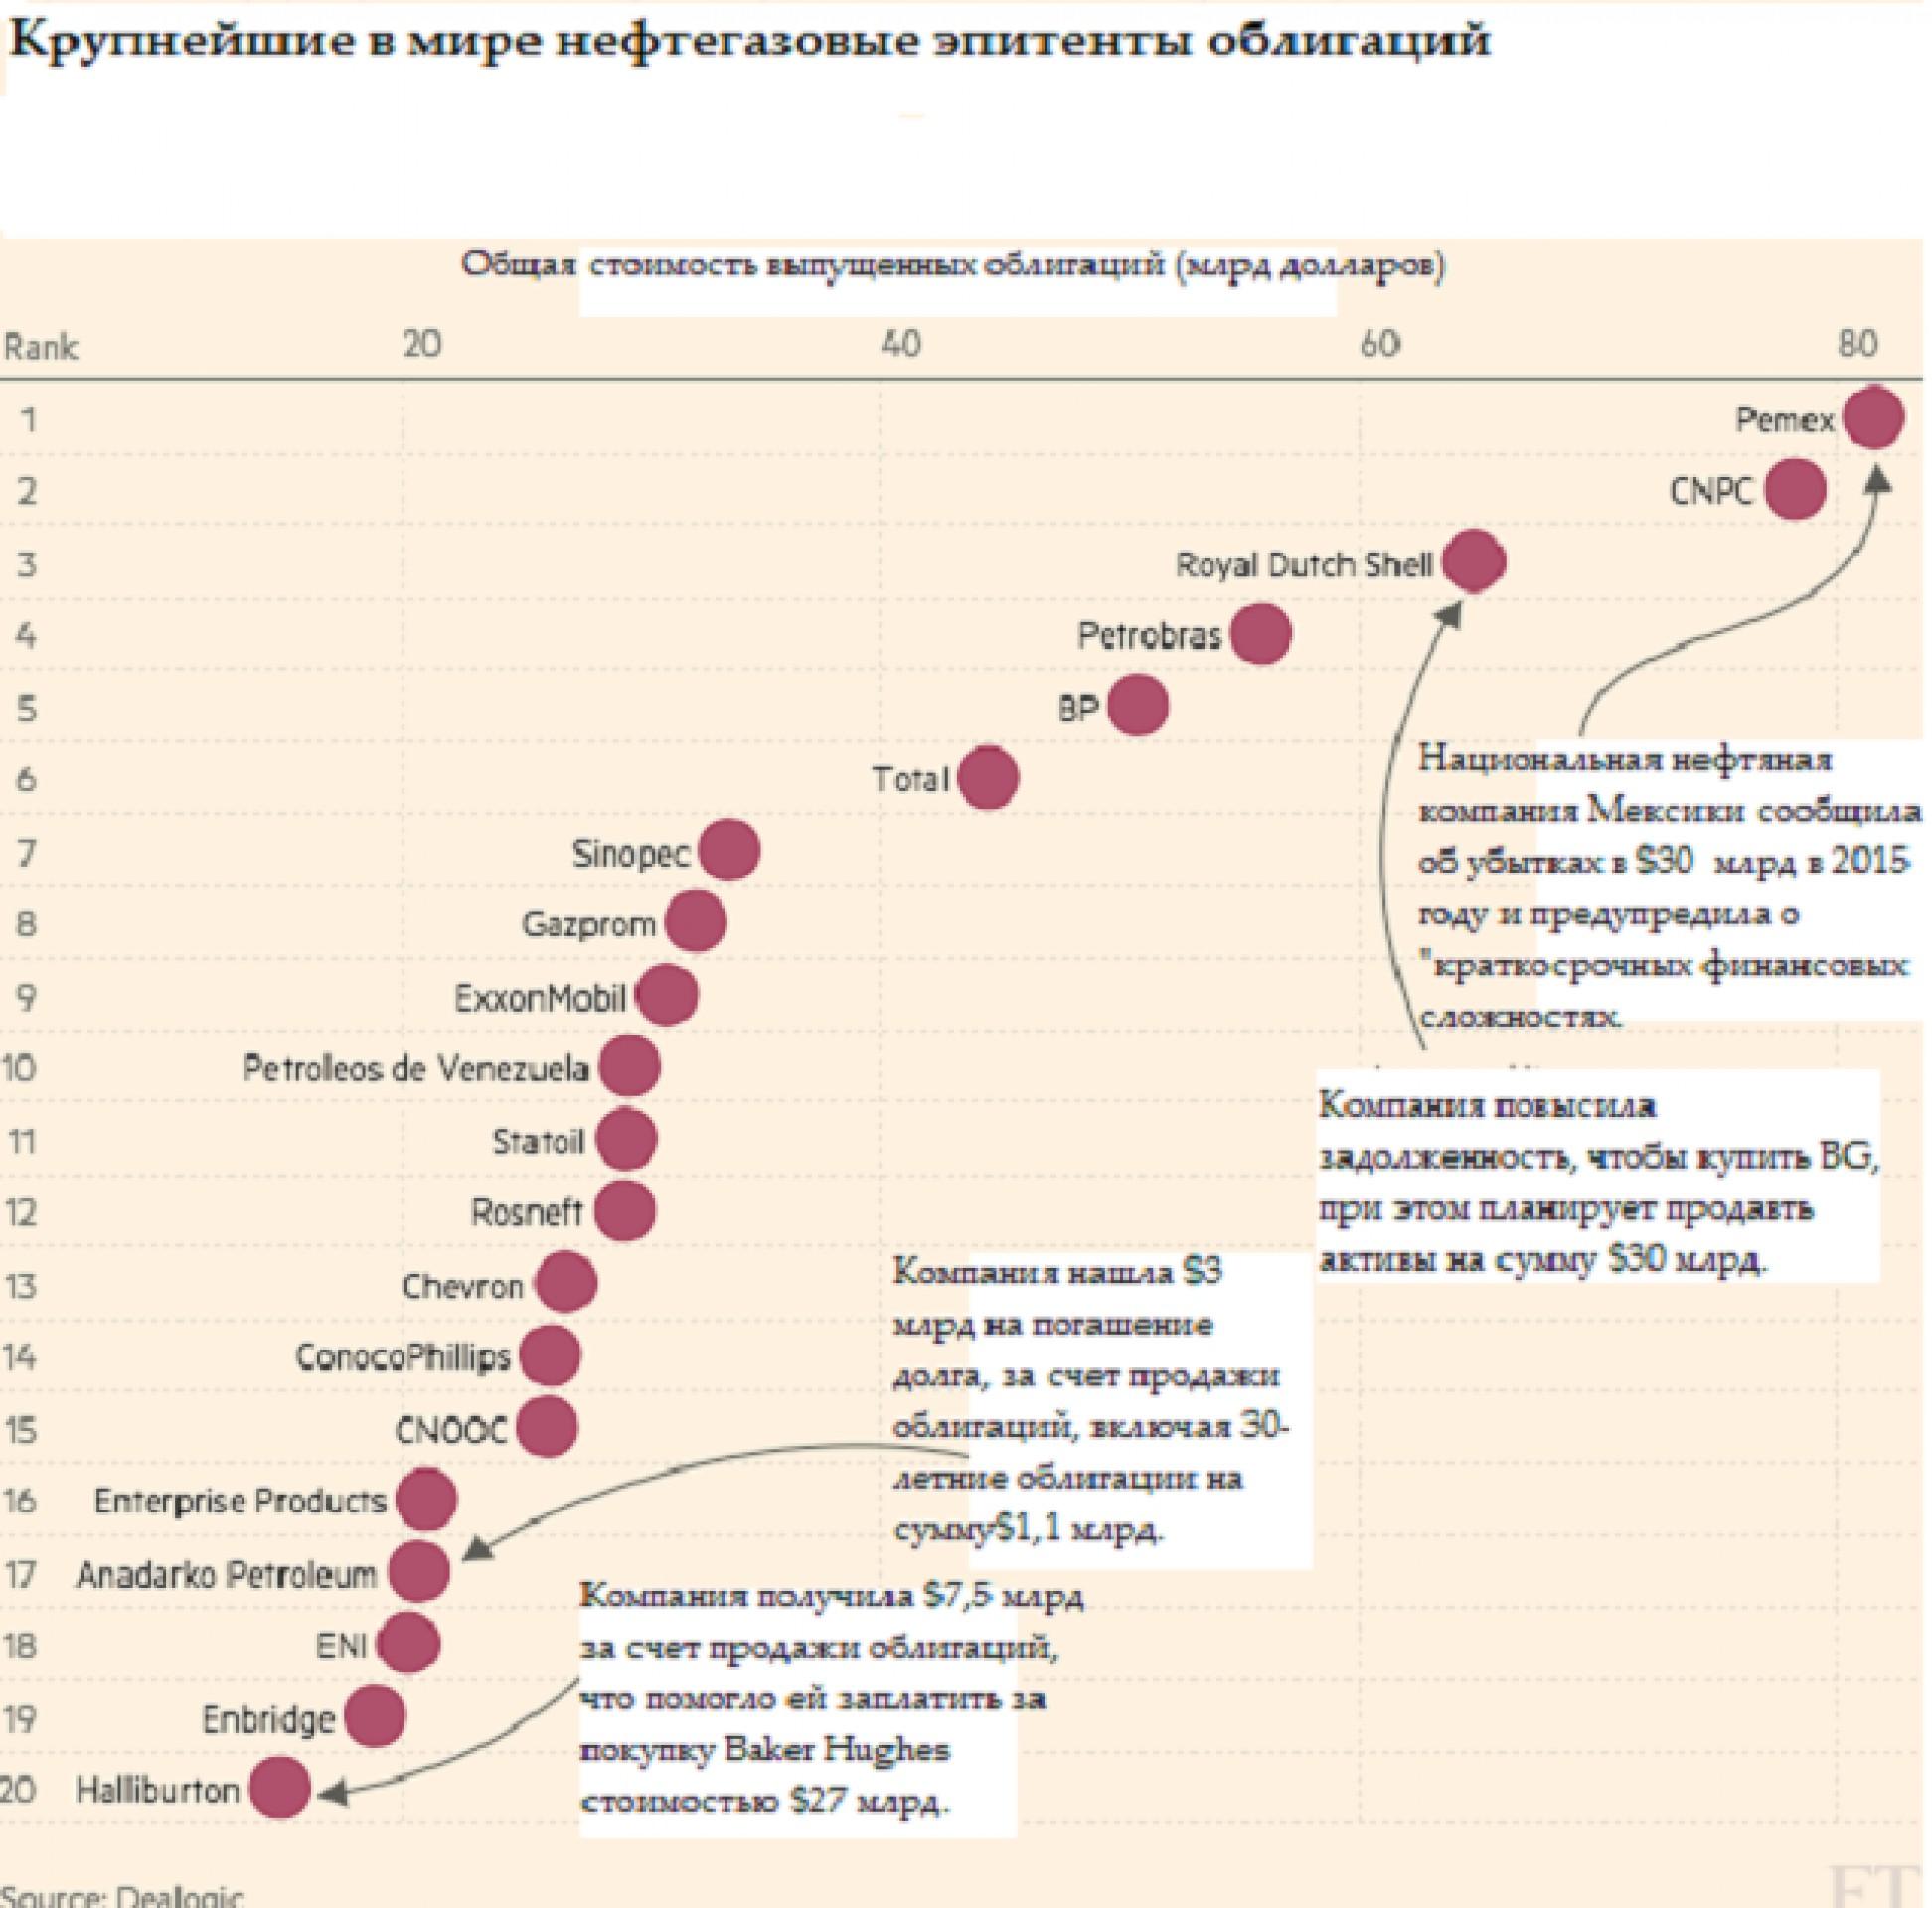 Мировая энергетика: распродажа или банкротство